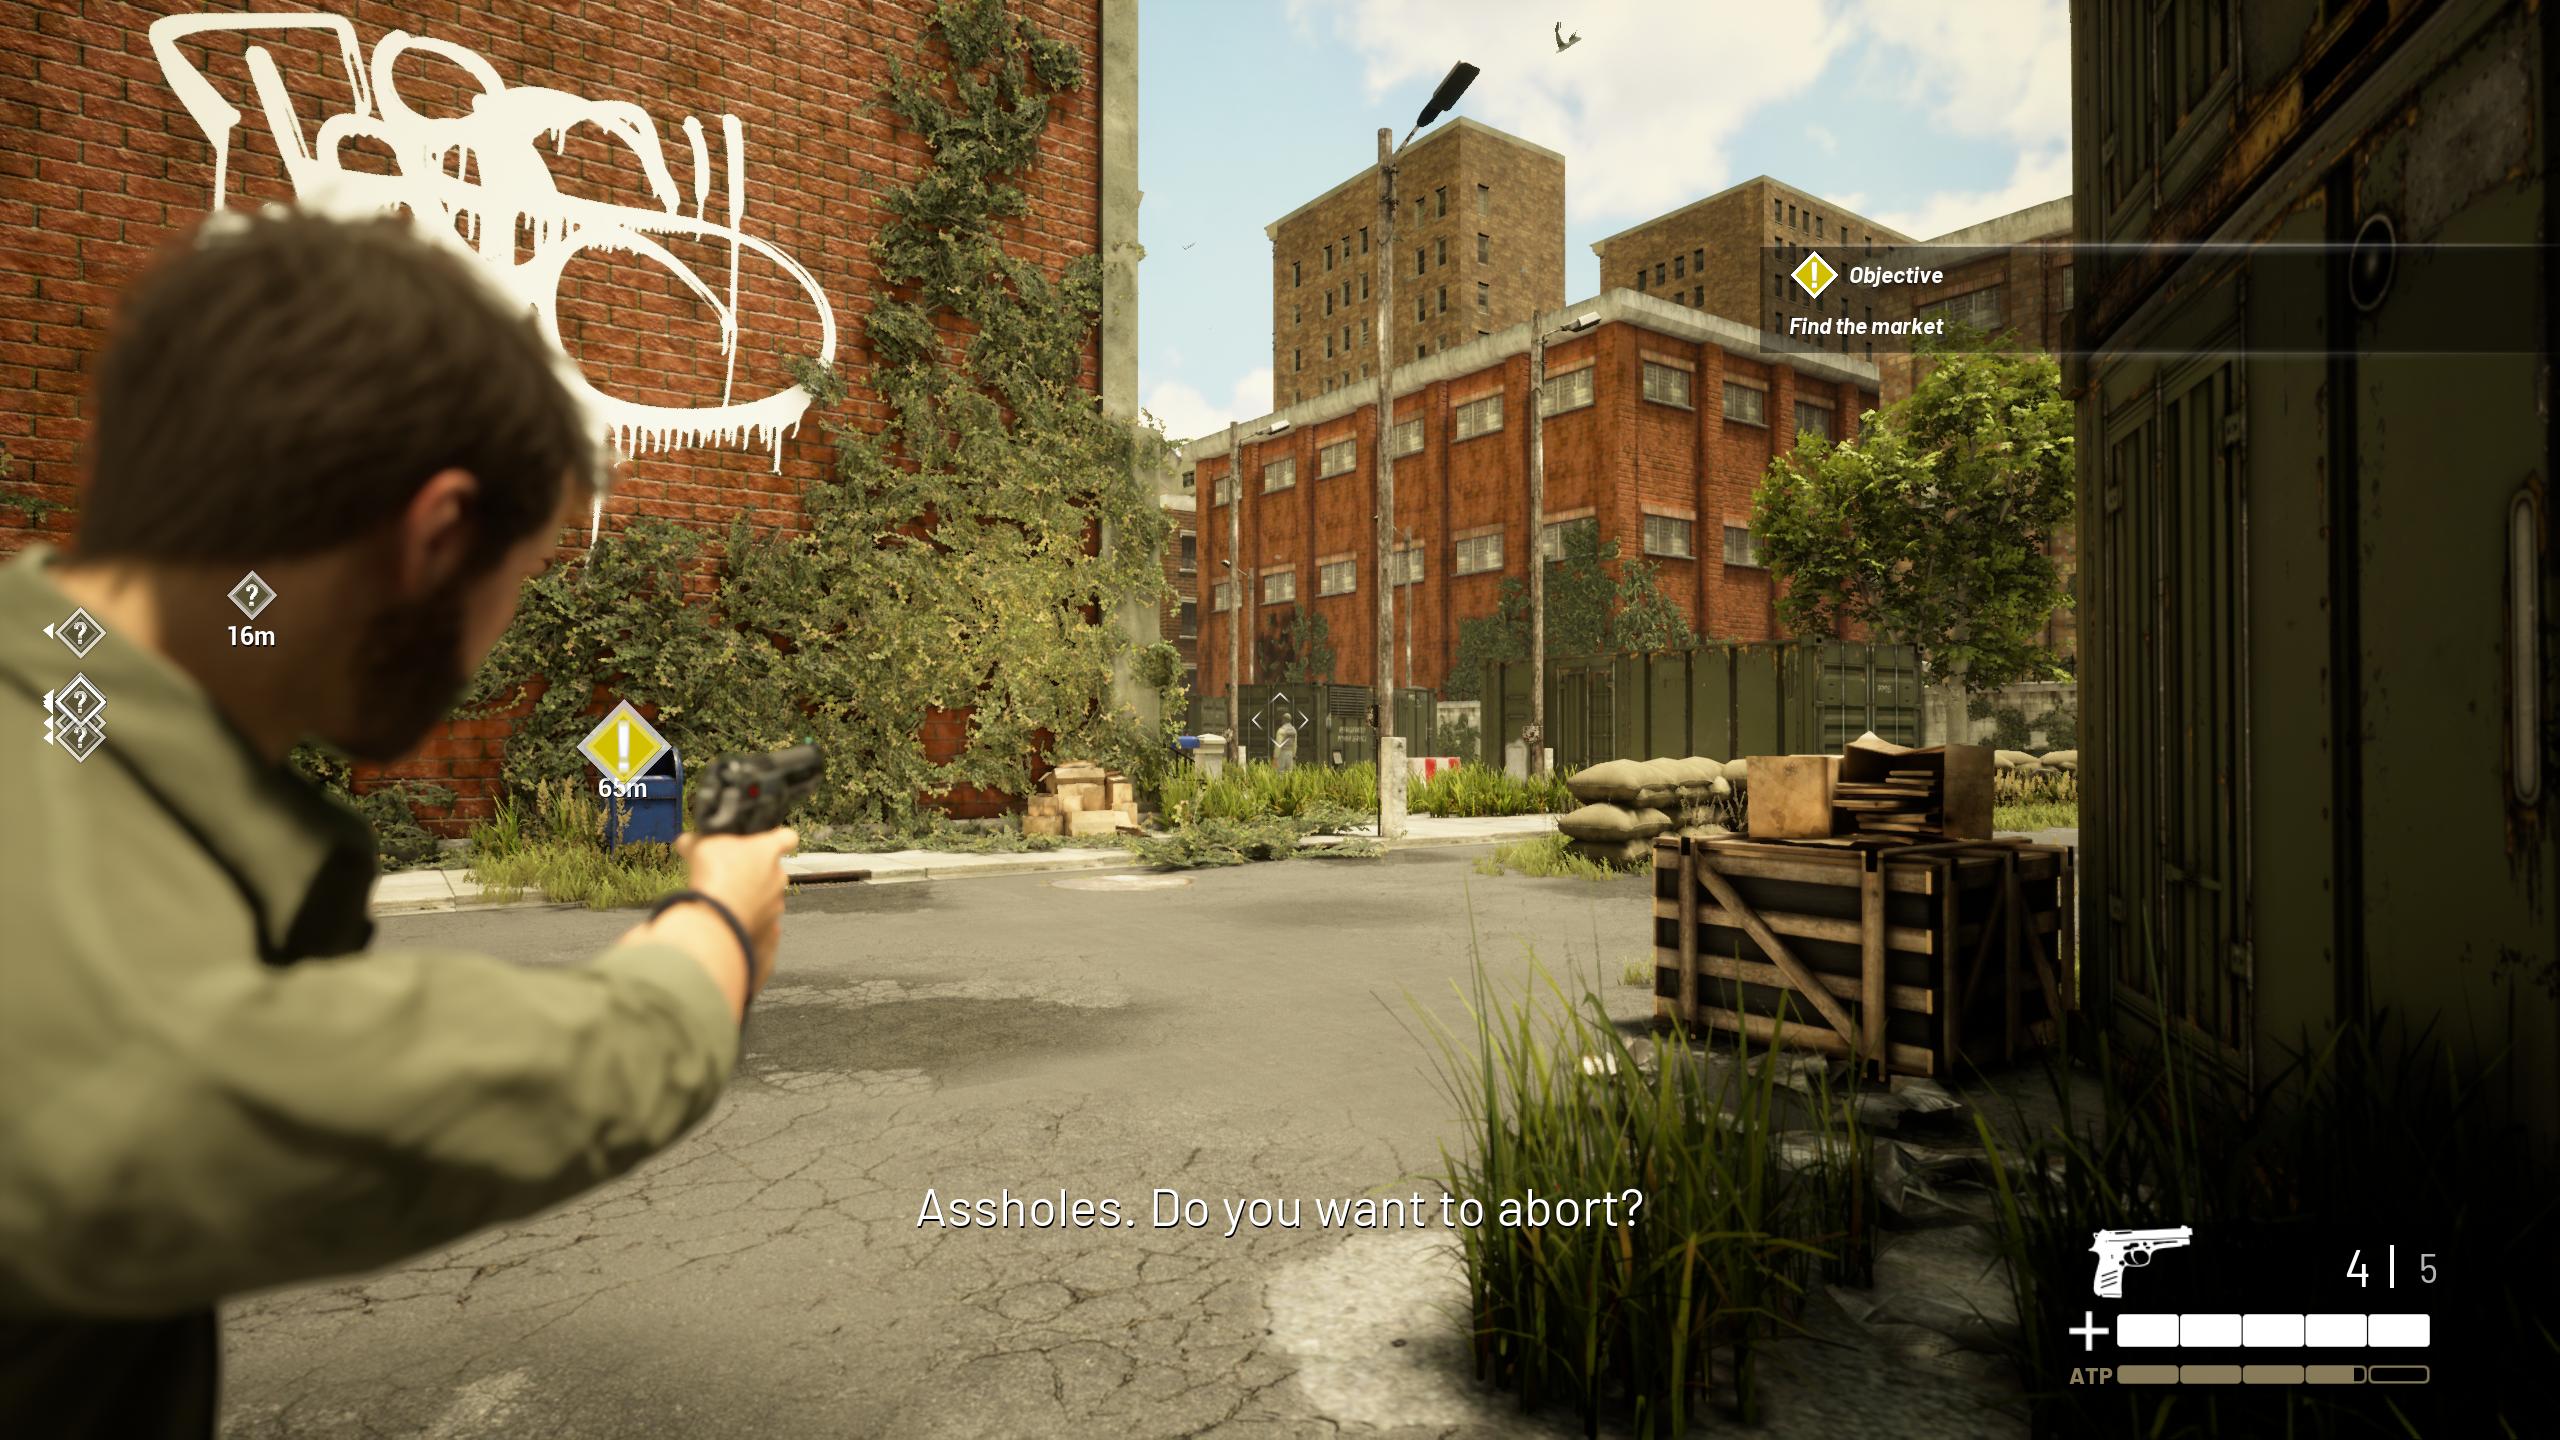 Скриншот к игре Potentia v.1.0.5.2 [CODEX] (2021) скачать торрент Лицензия